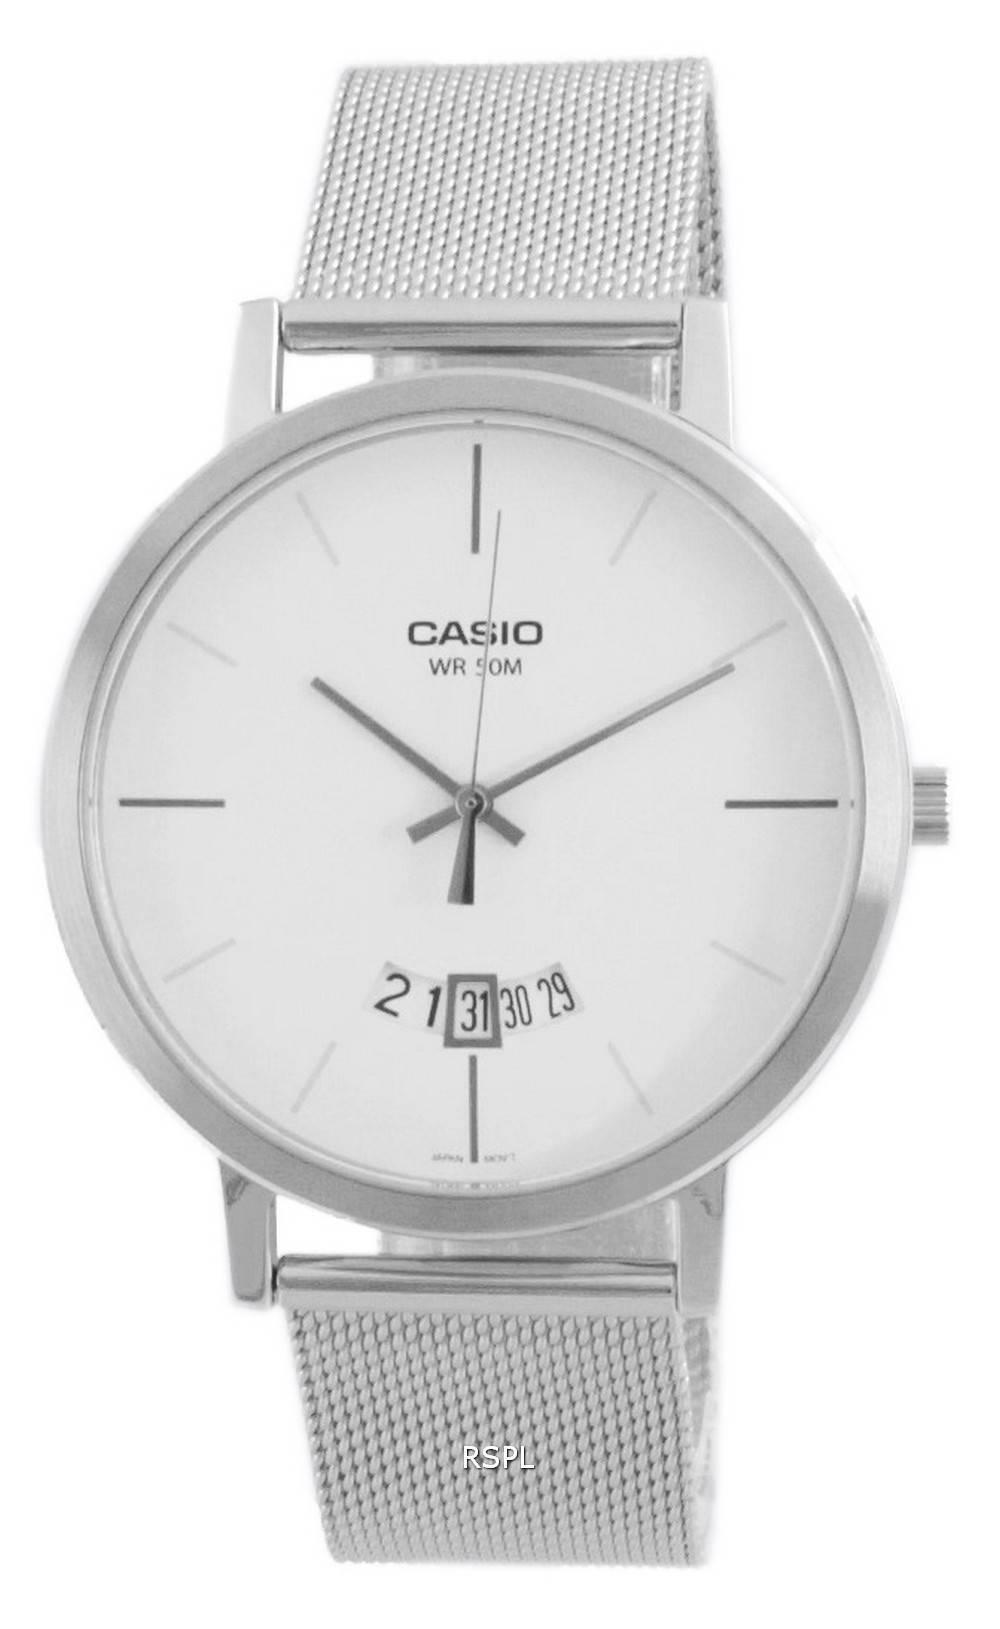 Casio Classic analoginen ruostumaton teräsverkko kvartsi MTP-B100M-7E MTPB100M-7E miesten kello